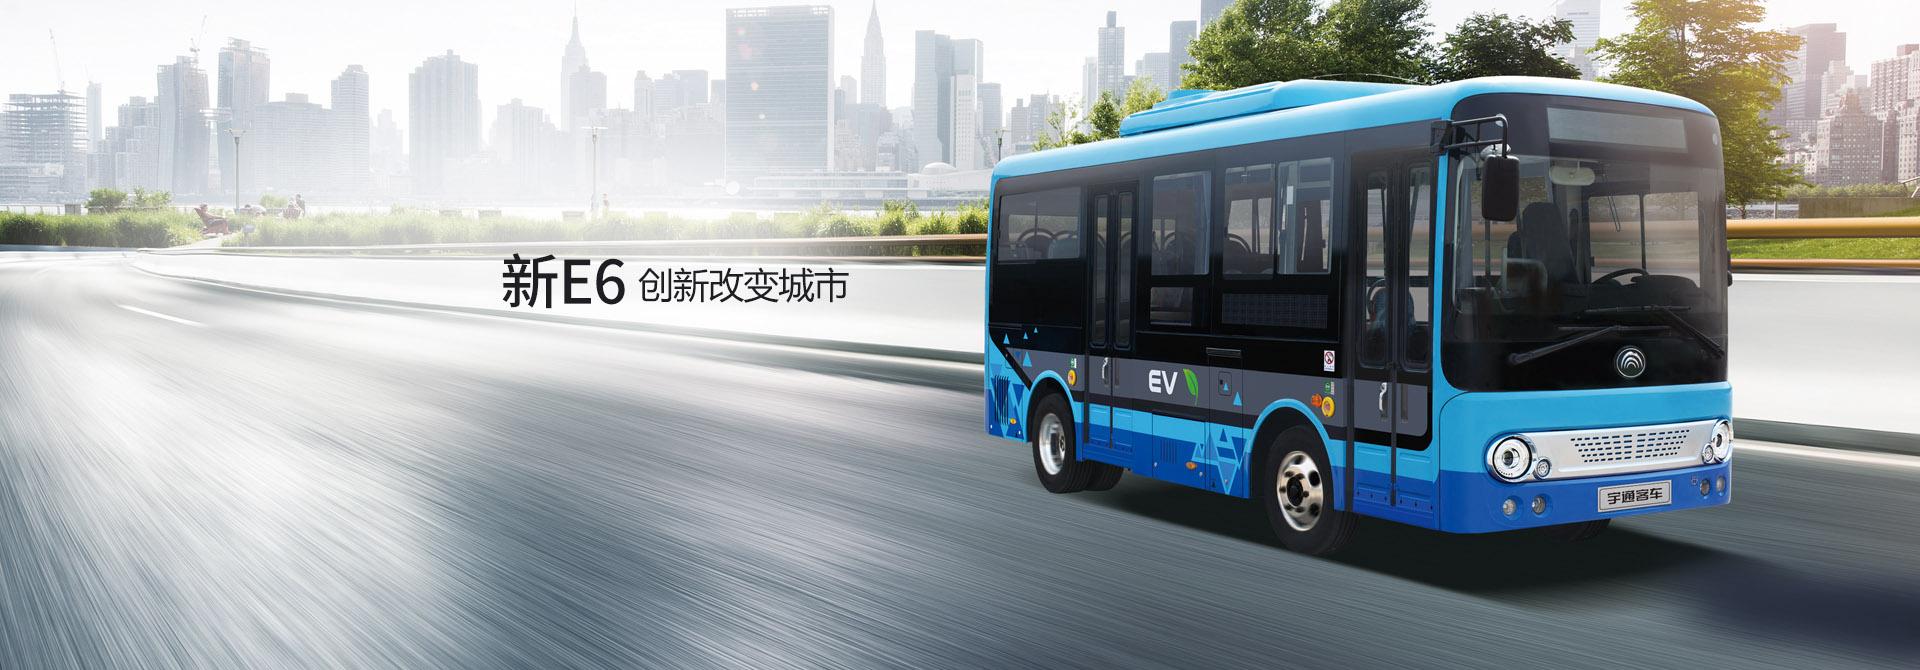 1-E6公交